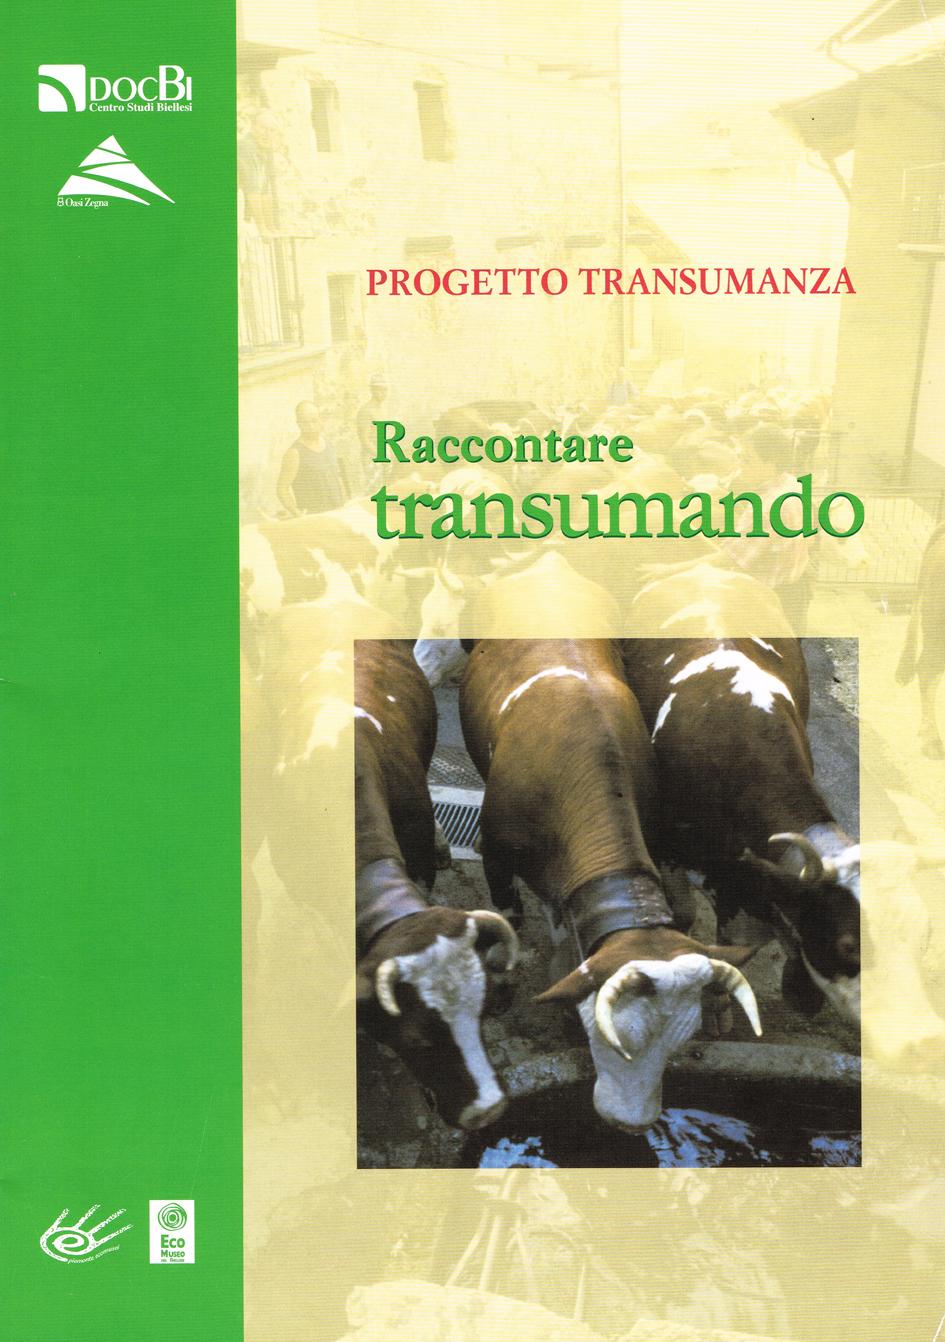 Progetto Transumanza